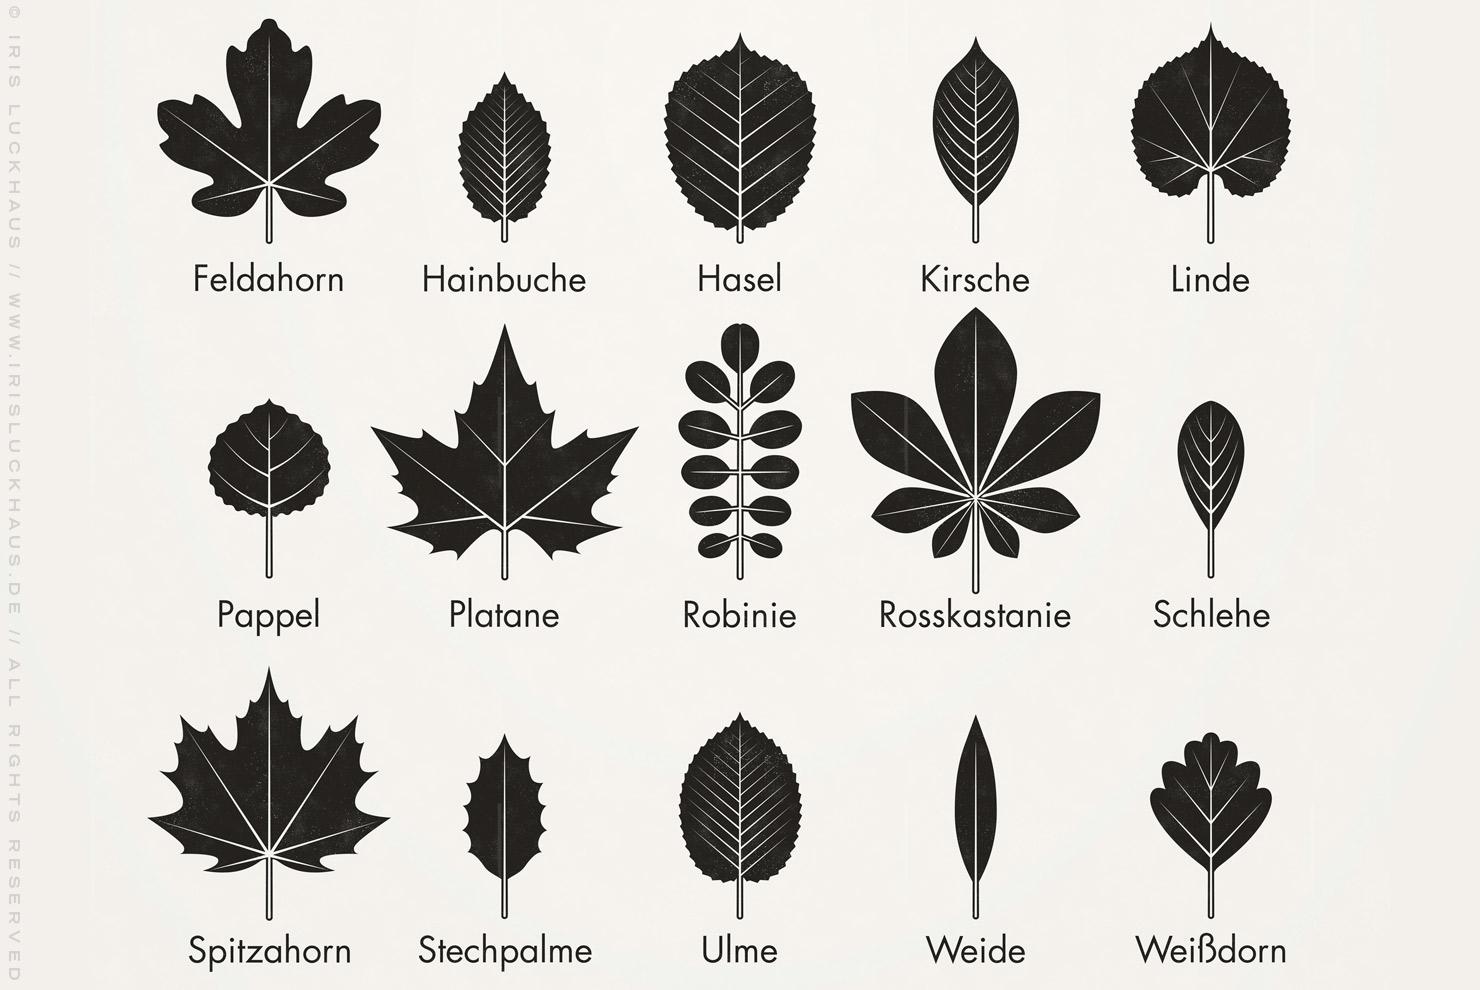 Infografik zur Bestimmung heimischer Blattformen und der Blätter von Bäumen im Retro-Schulbuch-Stil